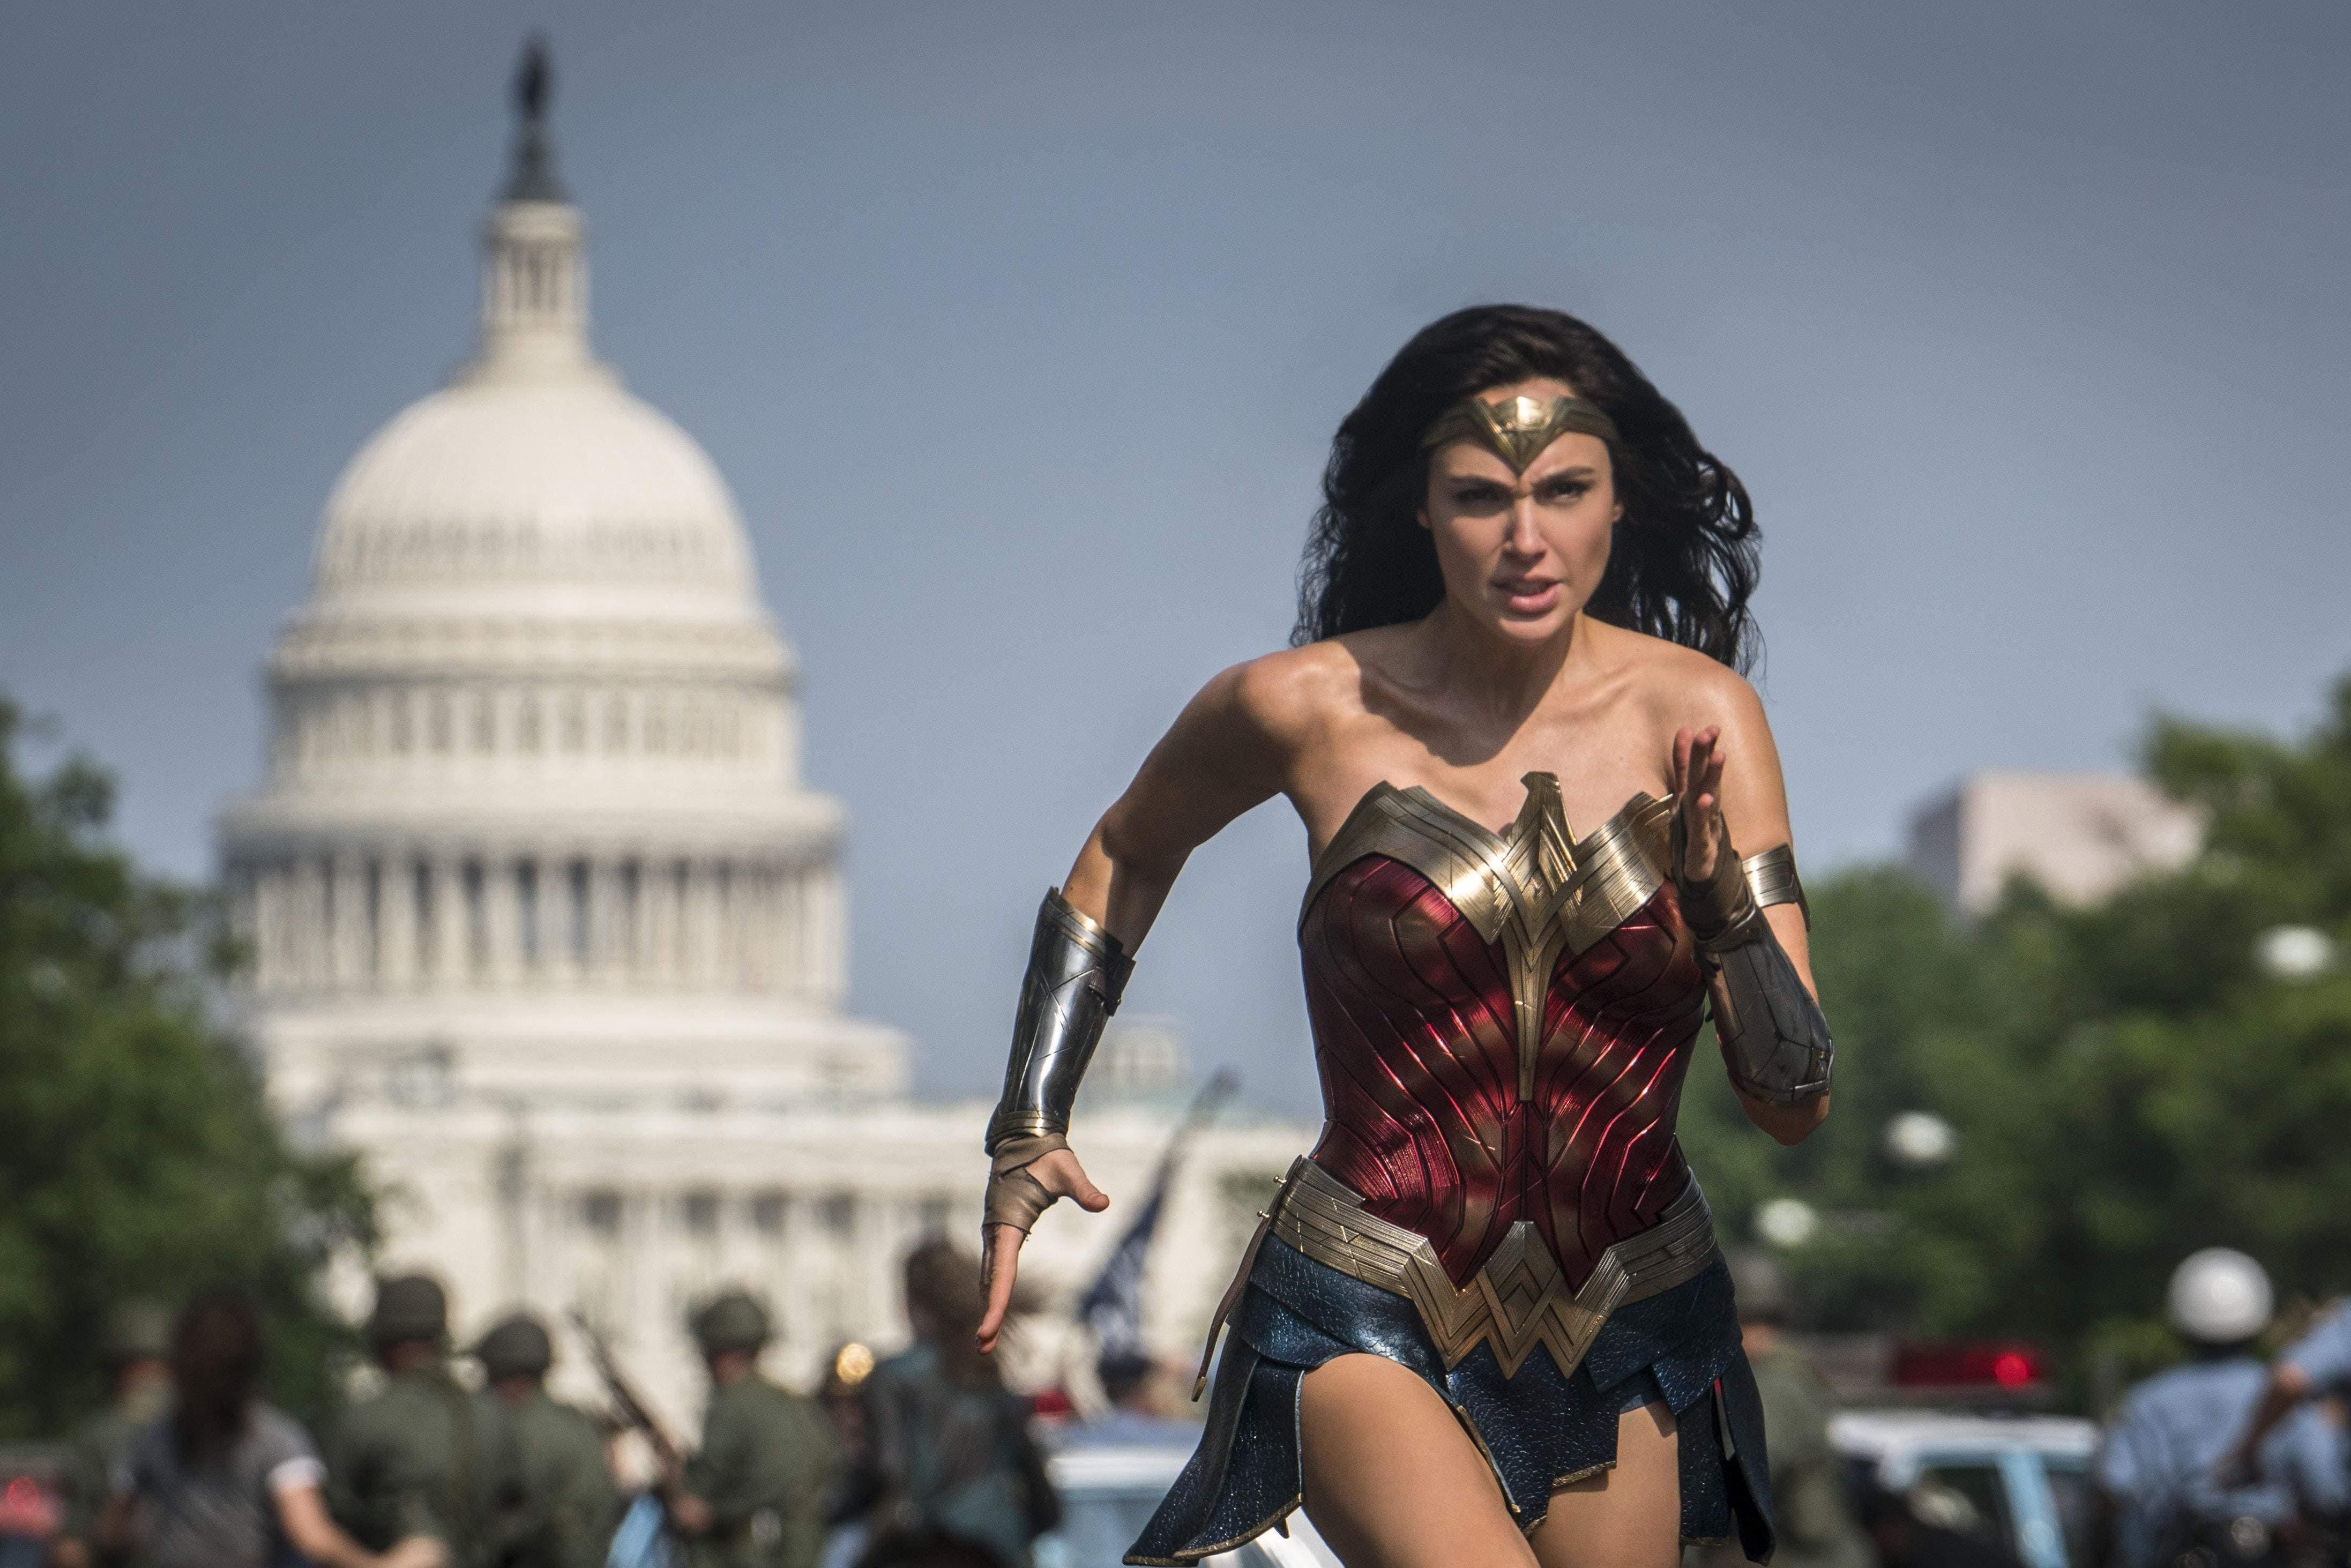 Wonder Woman 1984 : ガル・ガドット主演の戦うヒロイン映画の第2弾「ワンダーウーマン 1984」で、ダイアナが女同士対決をする半獣半人のチータのイメージがわかったかもしれないプロモ・アート ! !